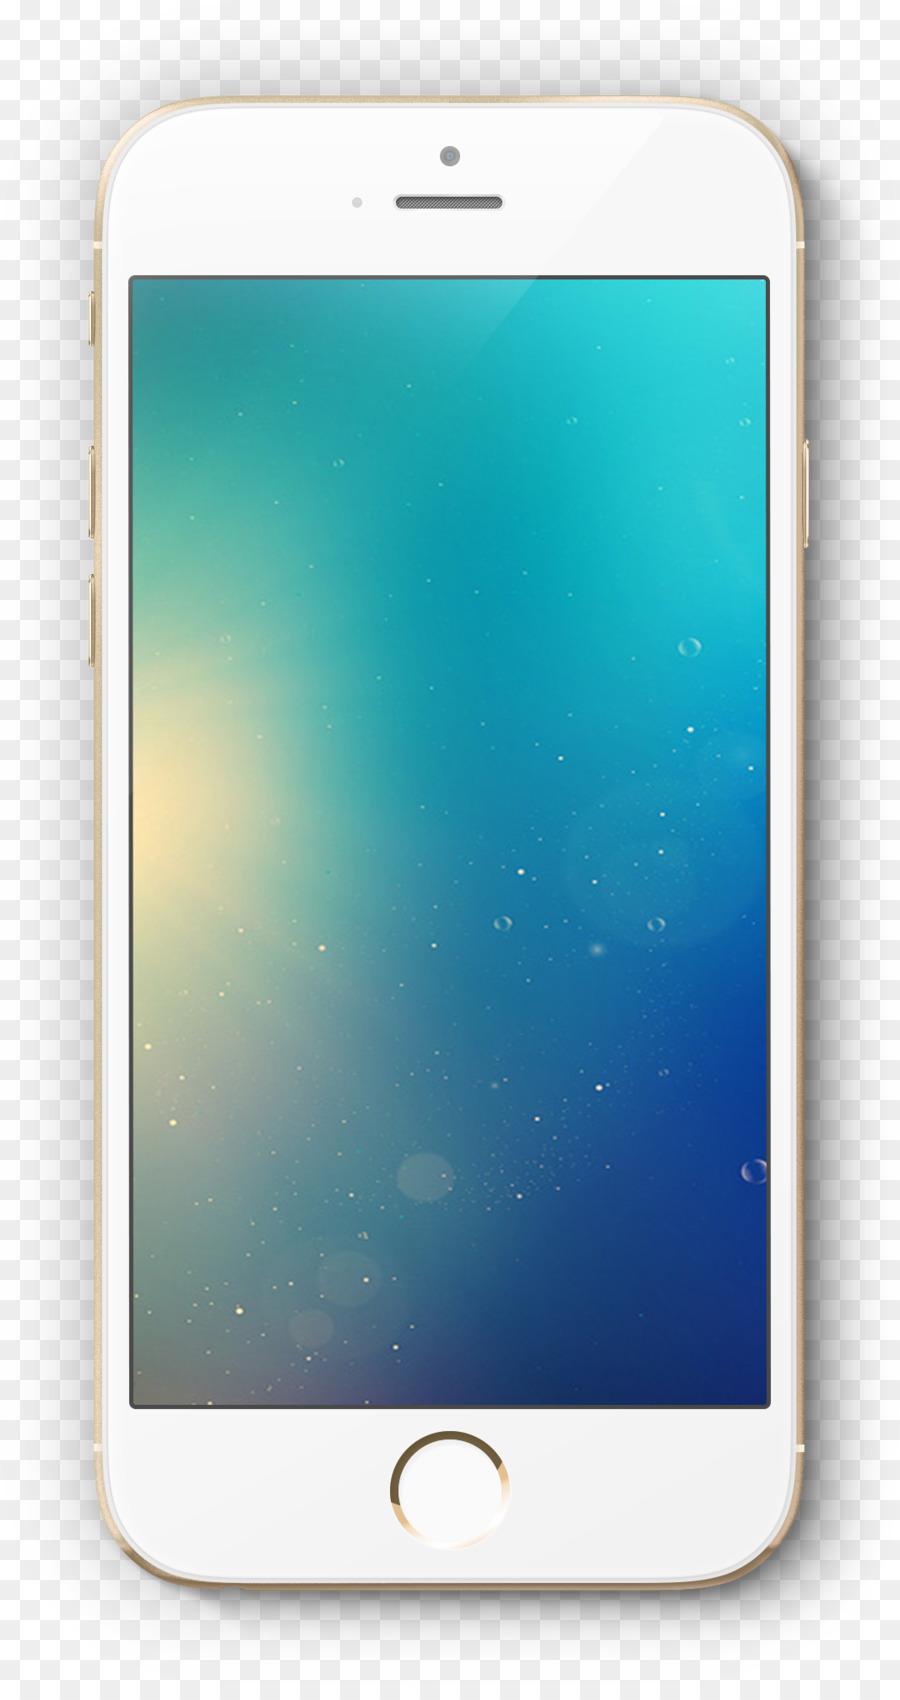 Descarga gratuita de Smartphone, Función De Teléfono, Postscript Encapsulado Imágen de Png